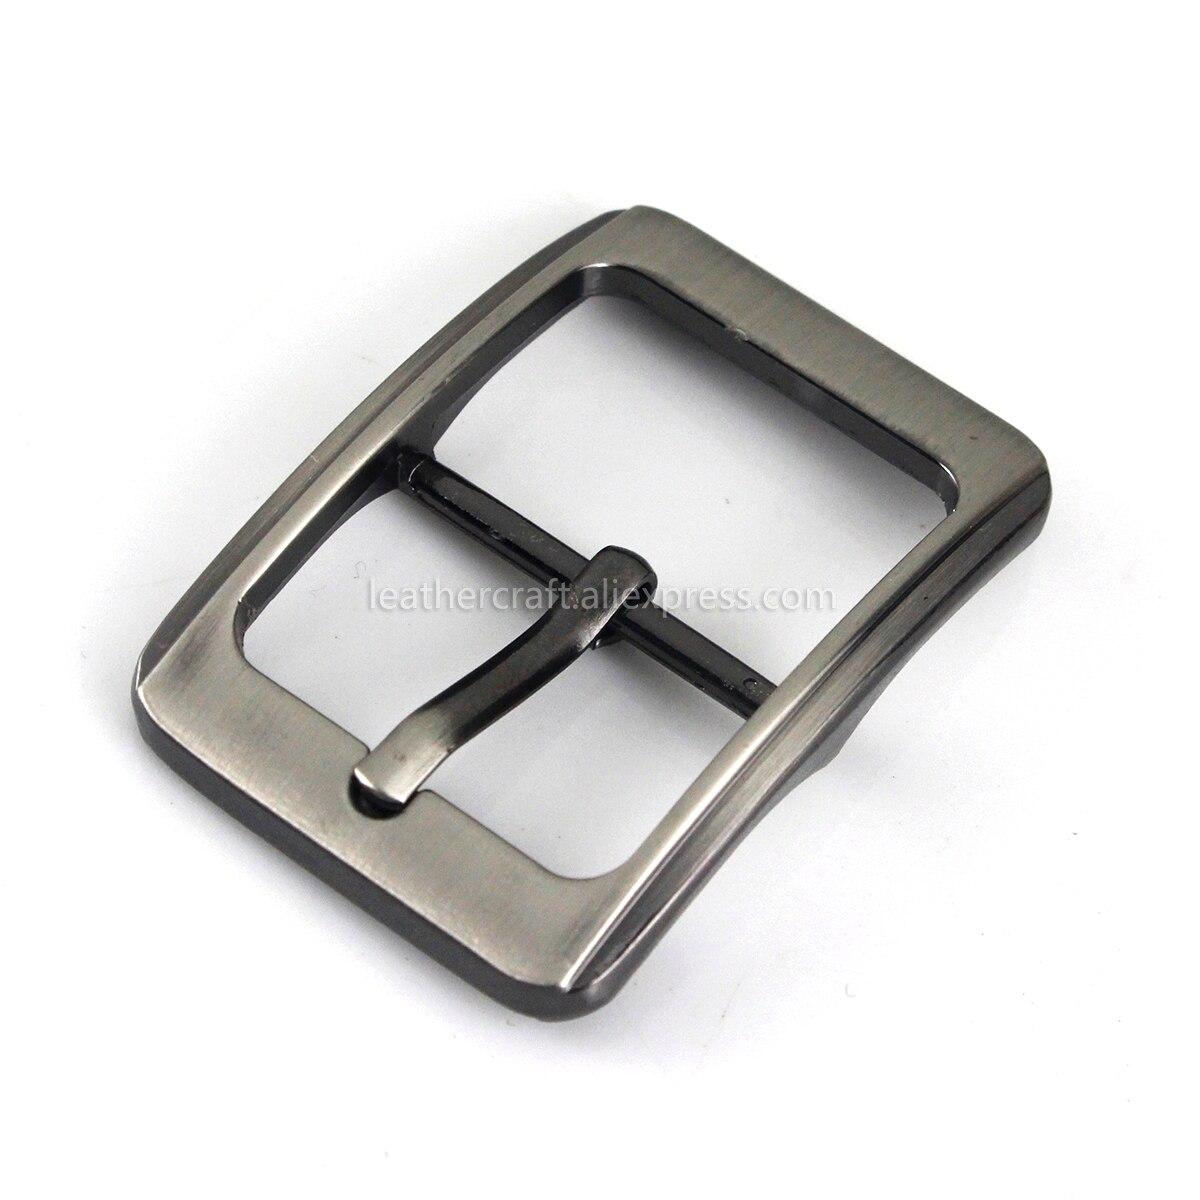 1x25mm hebilla de cinturón chapada en Metal de moda barra central hebilla de un solo alfiler correa de cuero artesanal Correa ajuste para 23-24mm